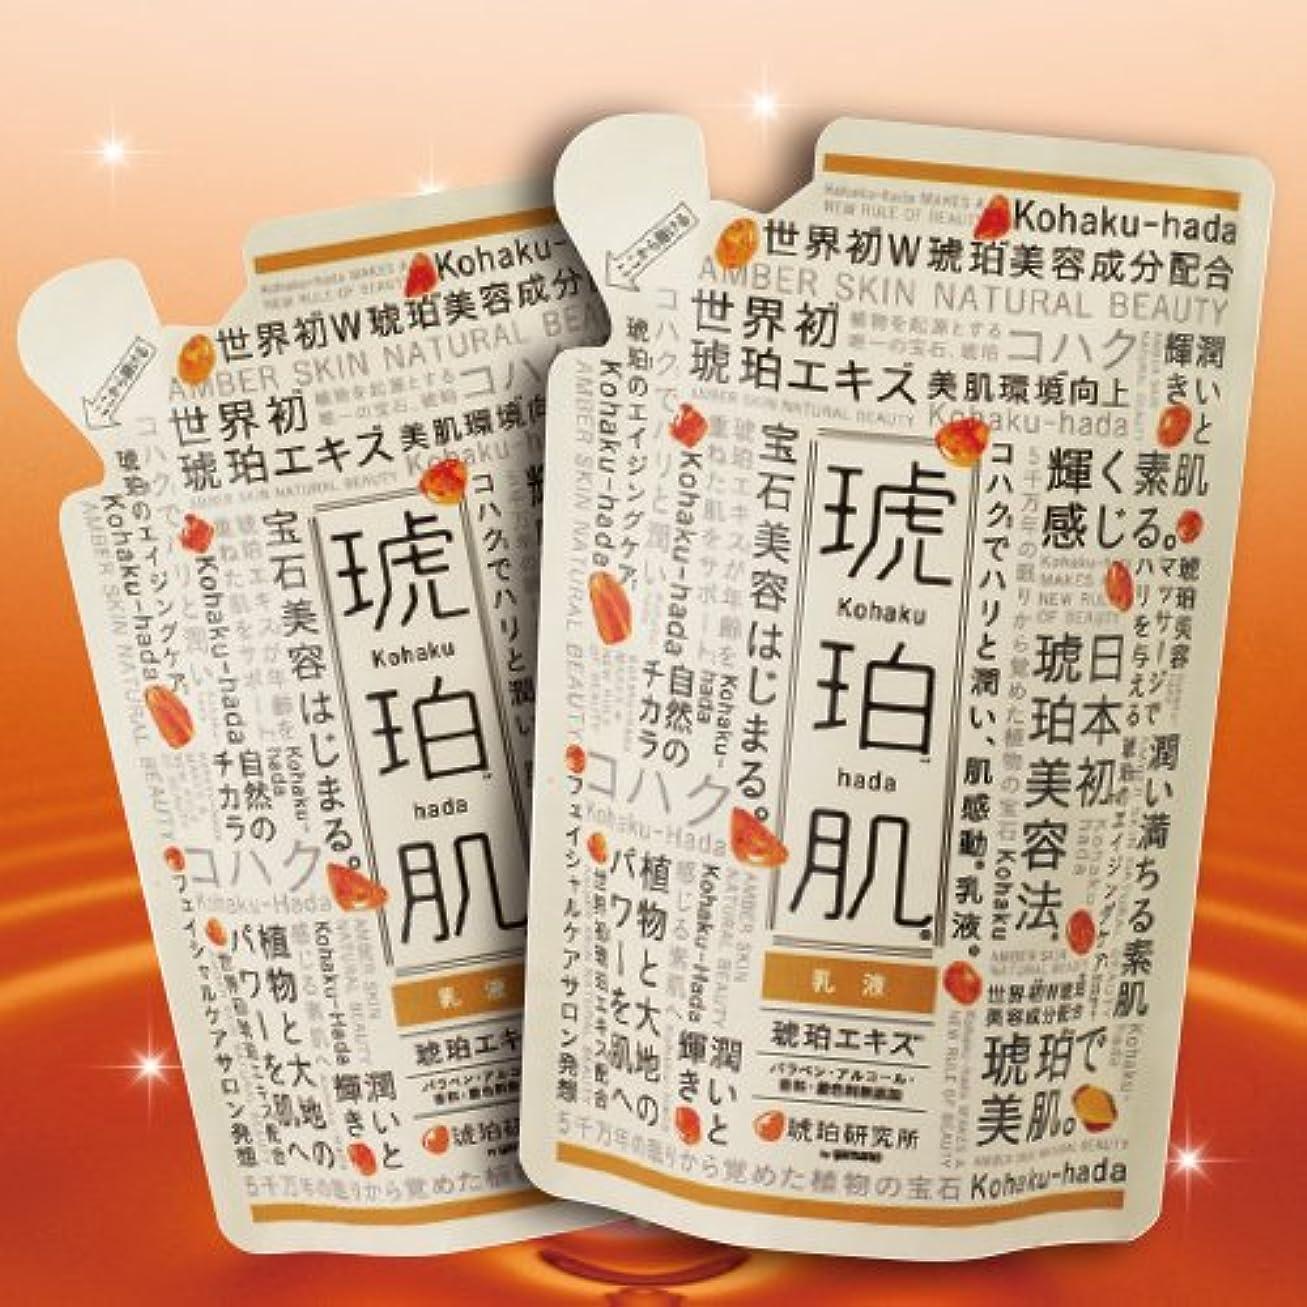 安心吸収剤微生物琥珀肌 乳液 詰替2個セット 140ml